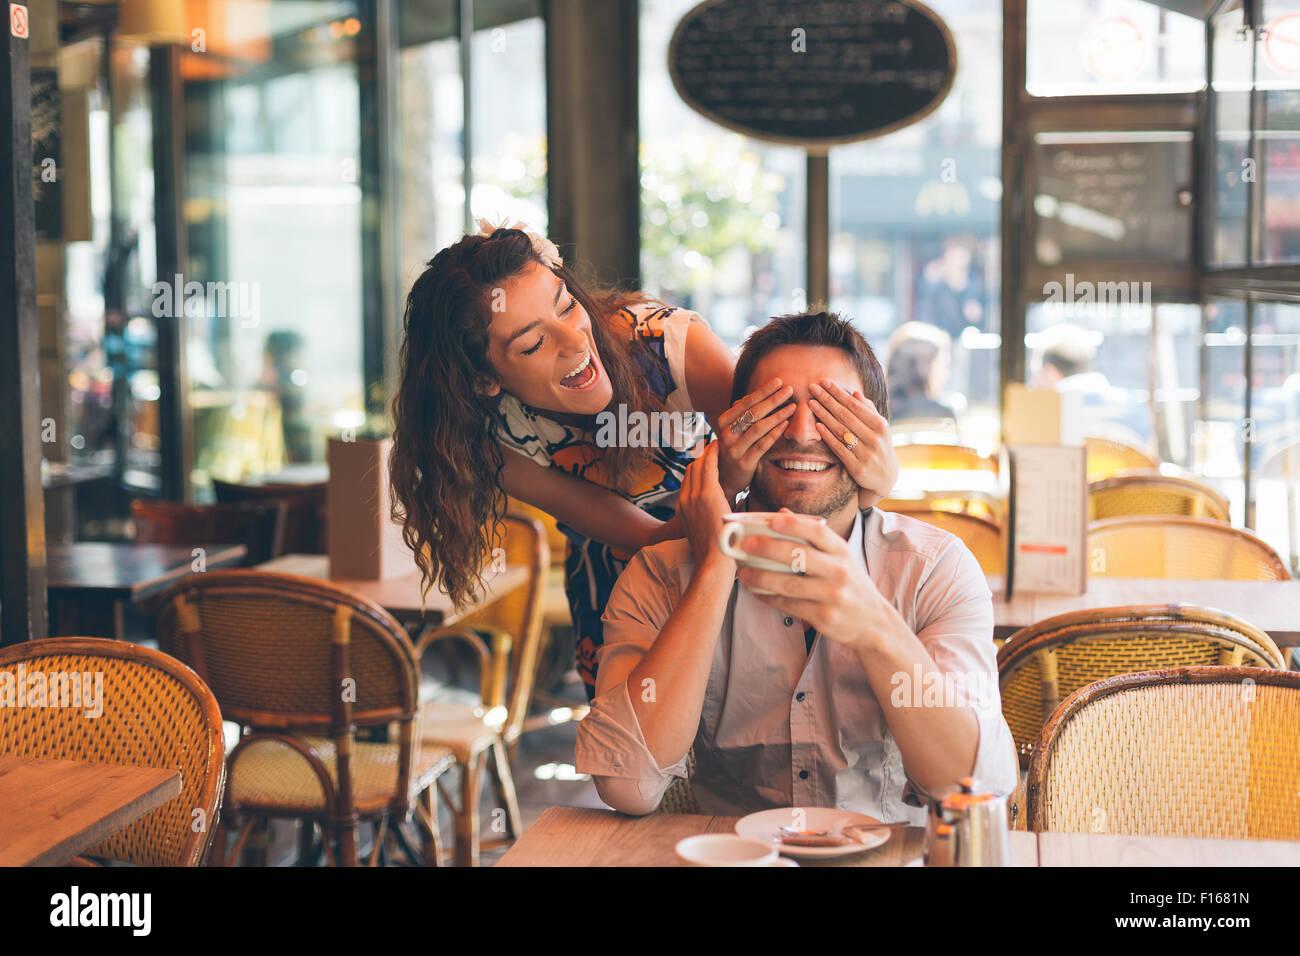 Casal namoro em Cafe, Paris Imagens de Stock